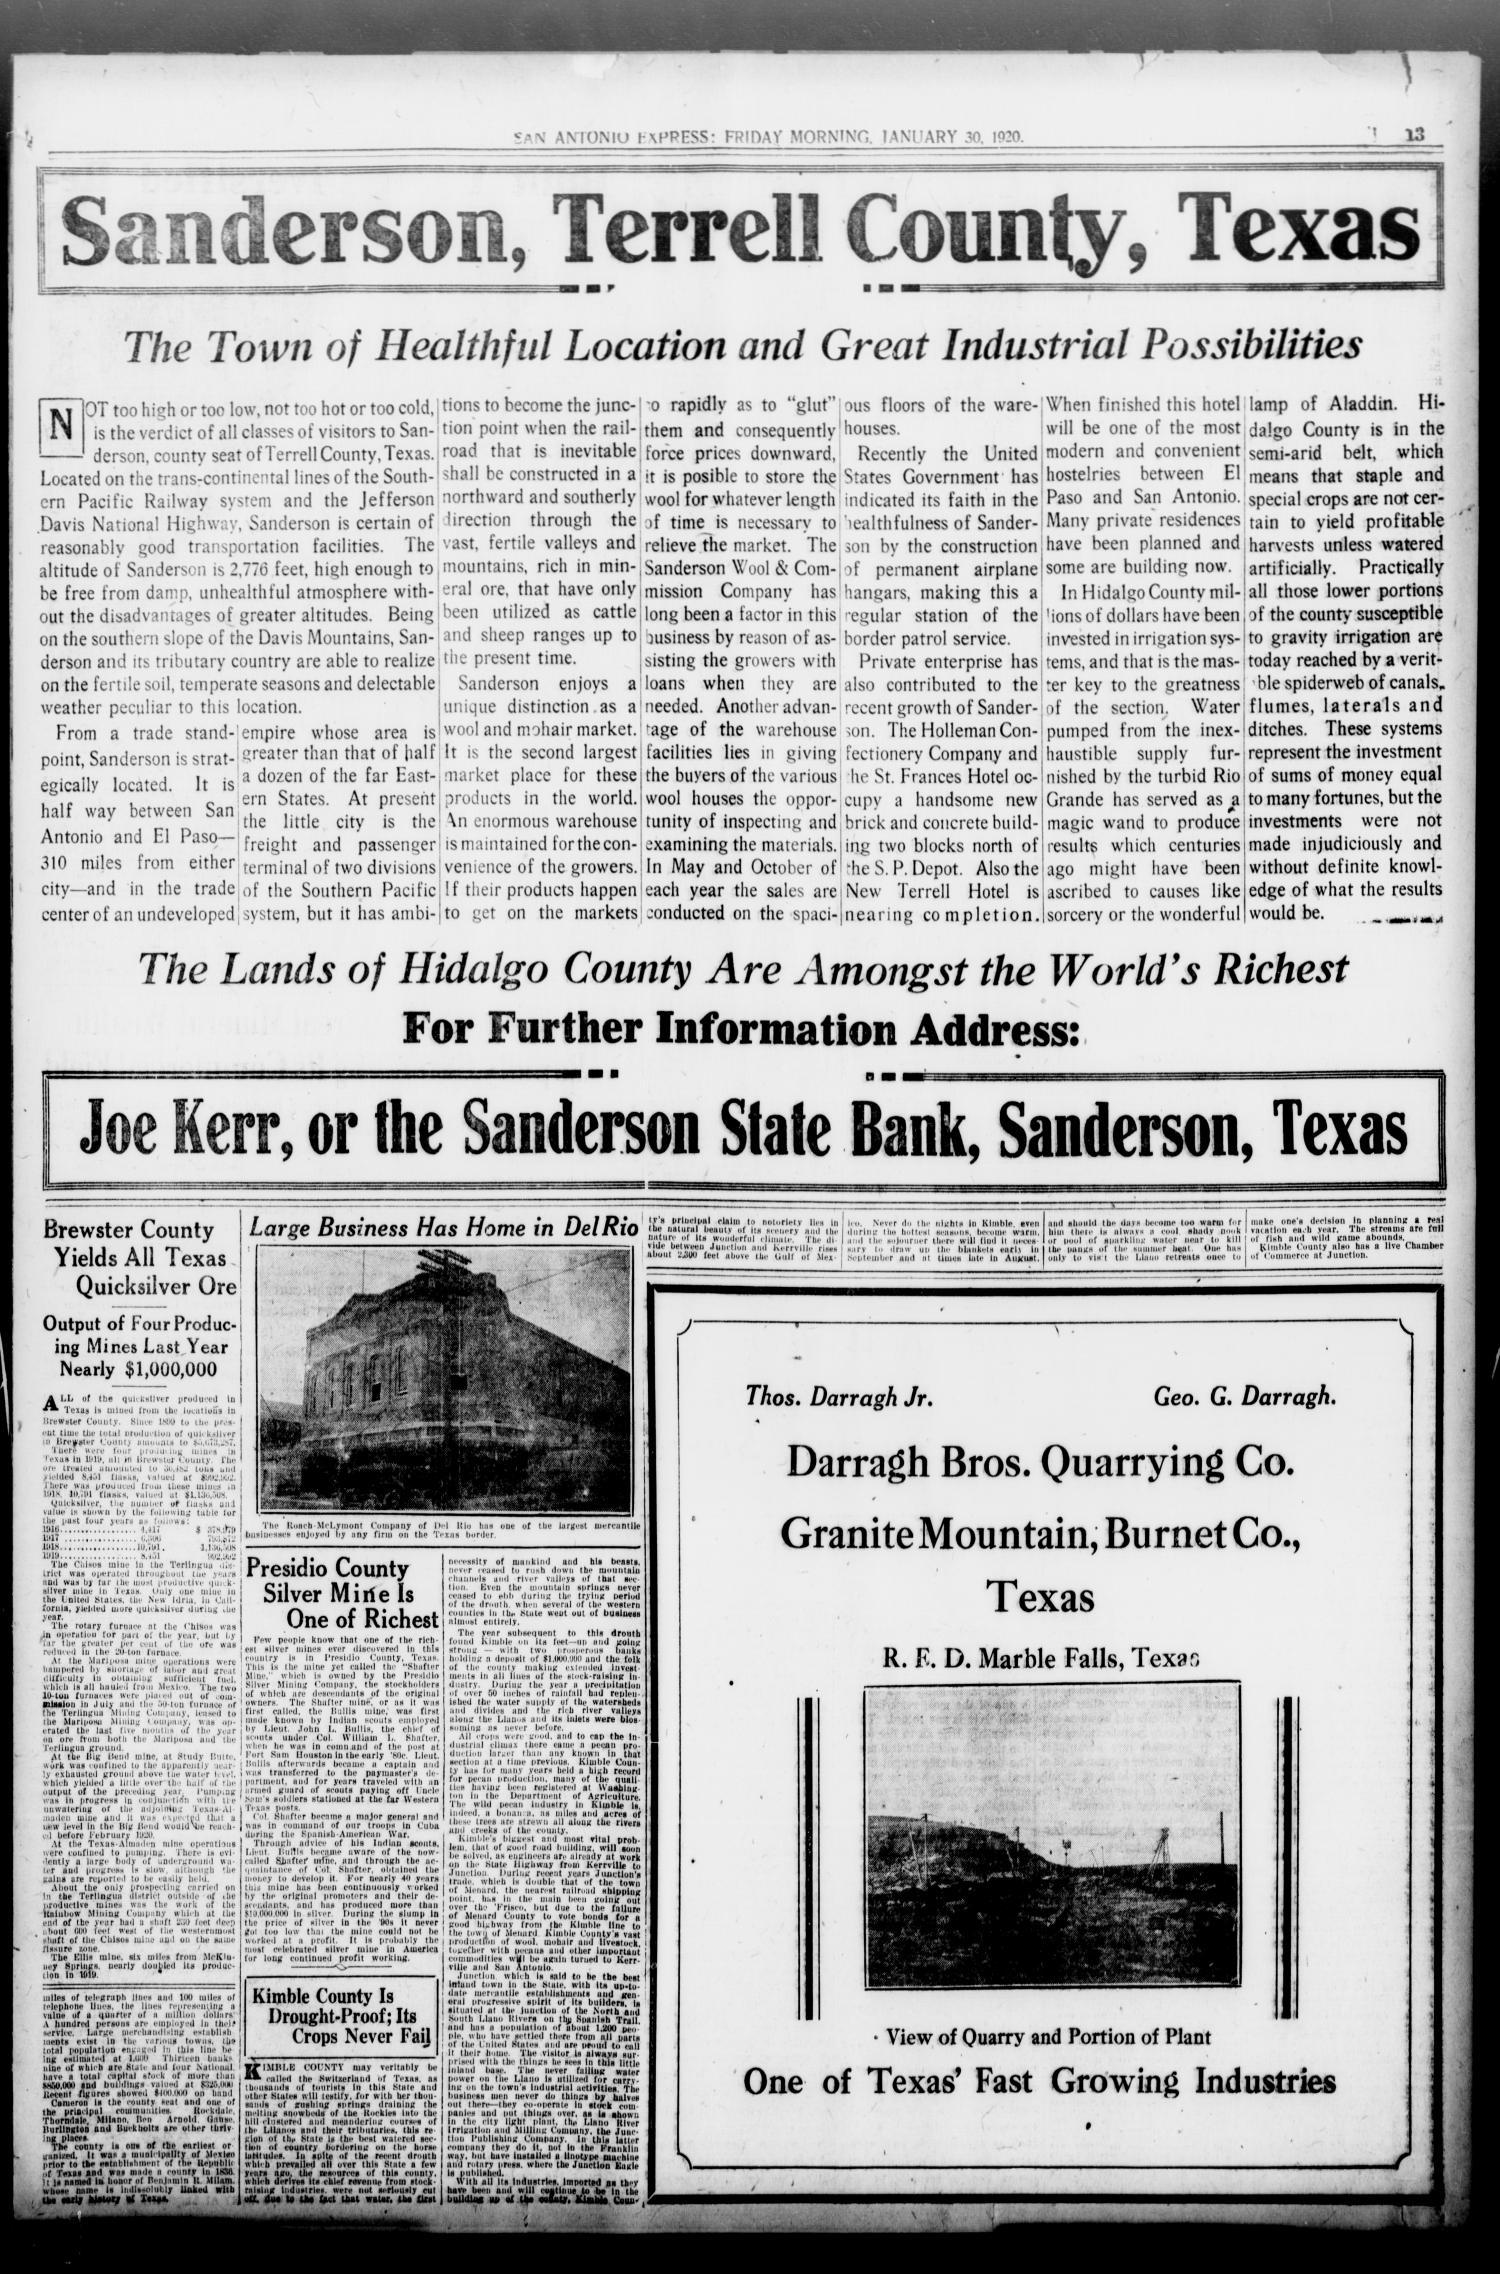 San Antonio Express  (San Antonio, Tex ), Vol  55, No  30